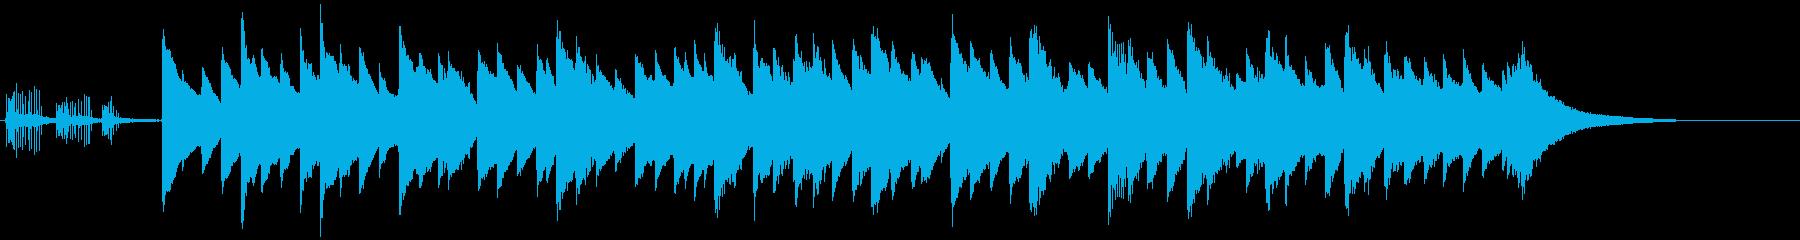 静かな午後に合うオルゴール曲の再生済みの波形